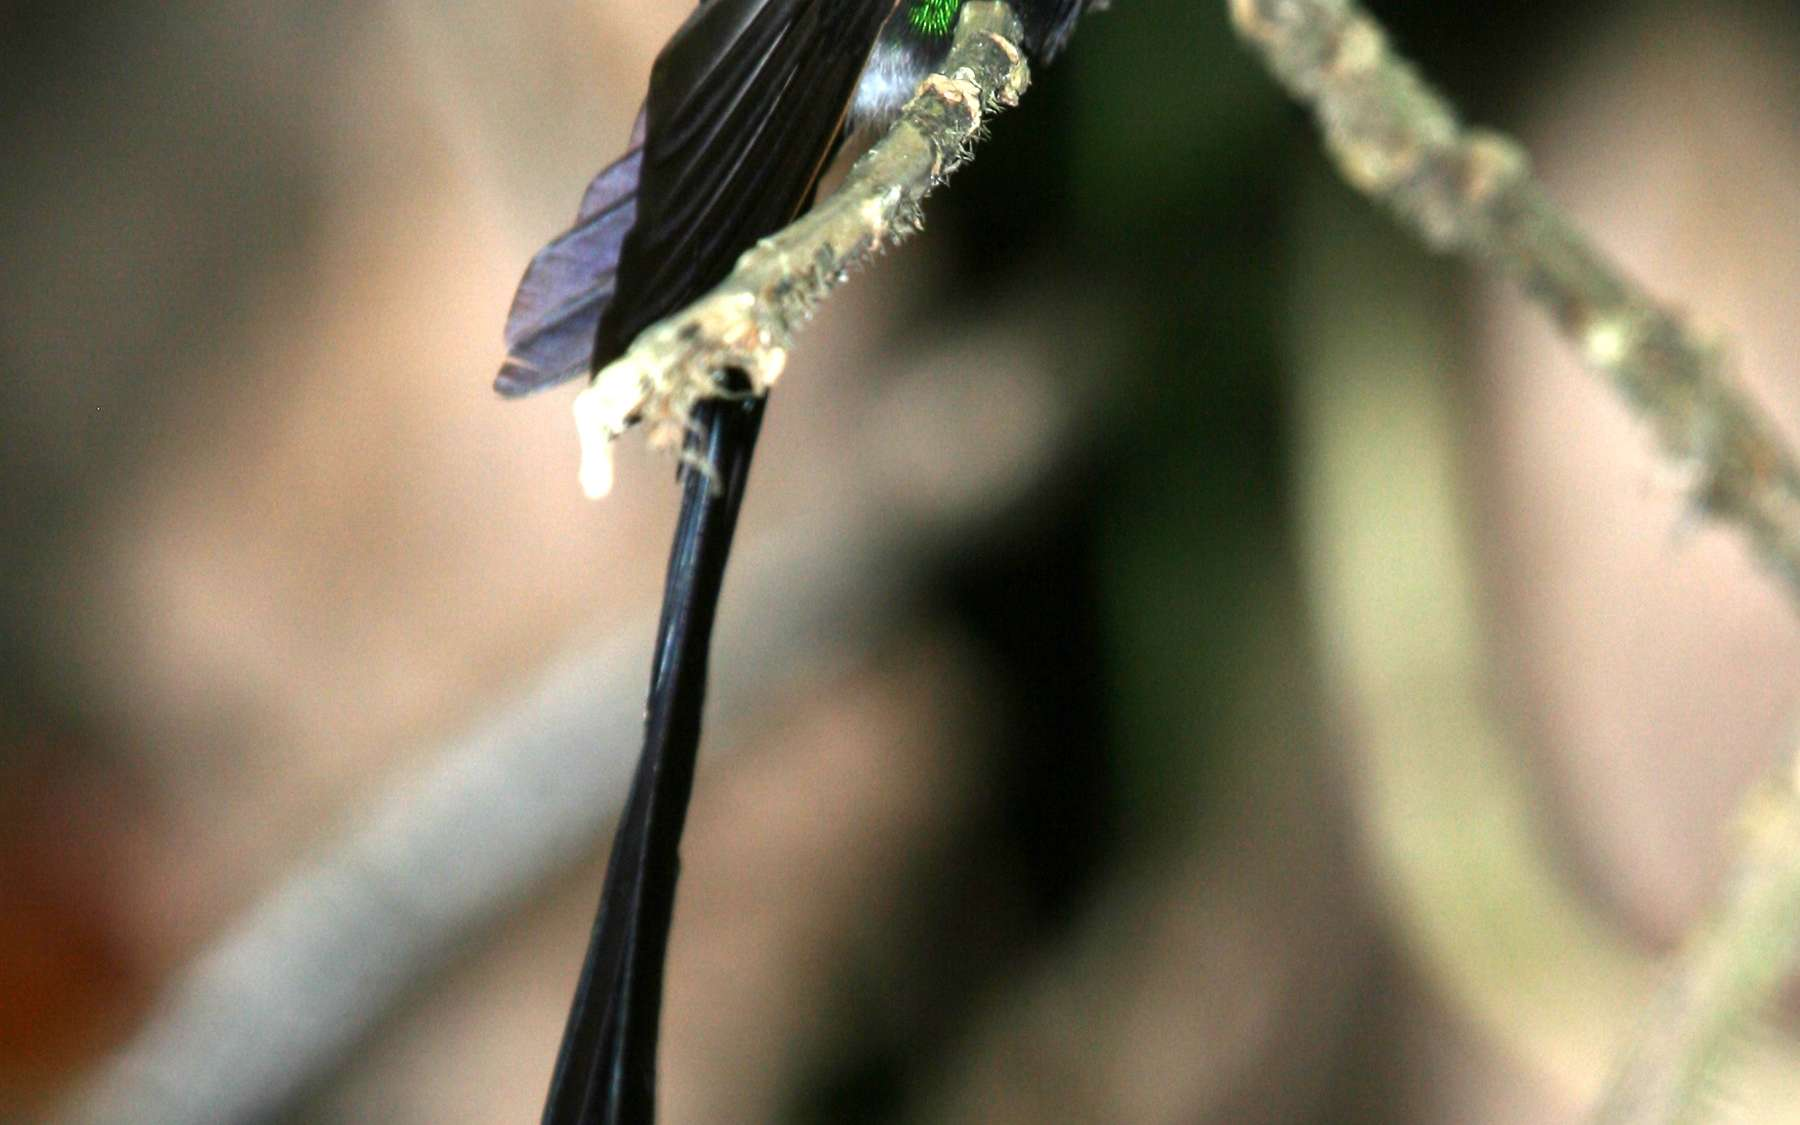 Le colibri à queue en ciseaux, endémique du Venezuela, est un des oiseaux tropicaux menacés par le changement climatique. © Çağan Şekercioğlu, University of Utah